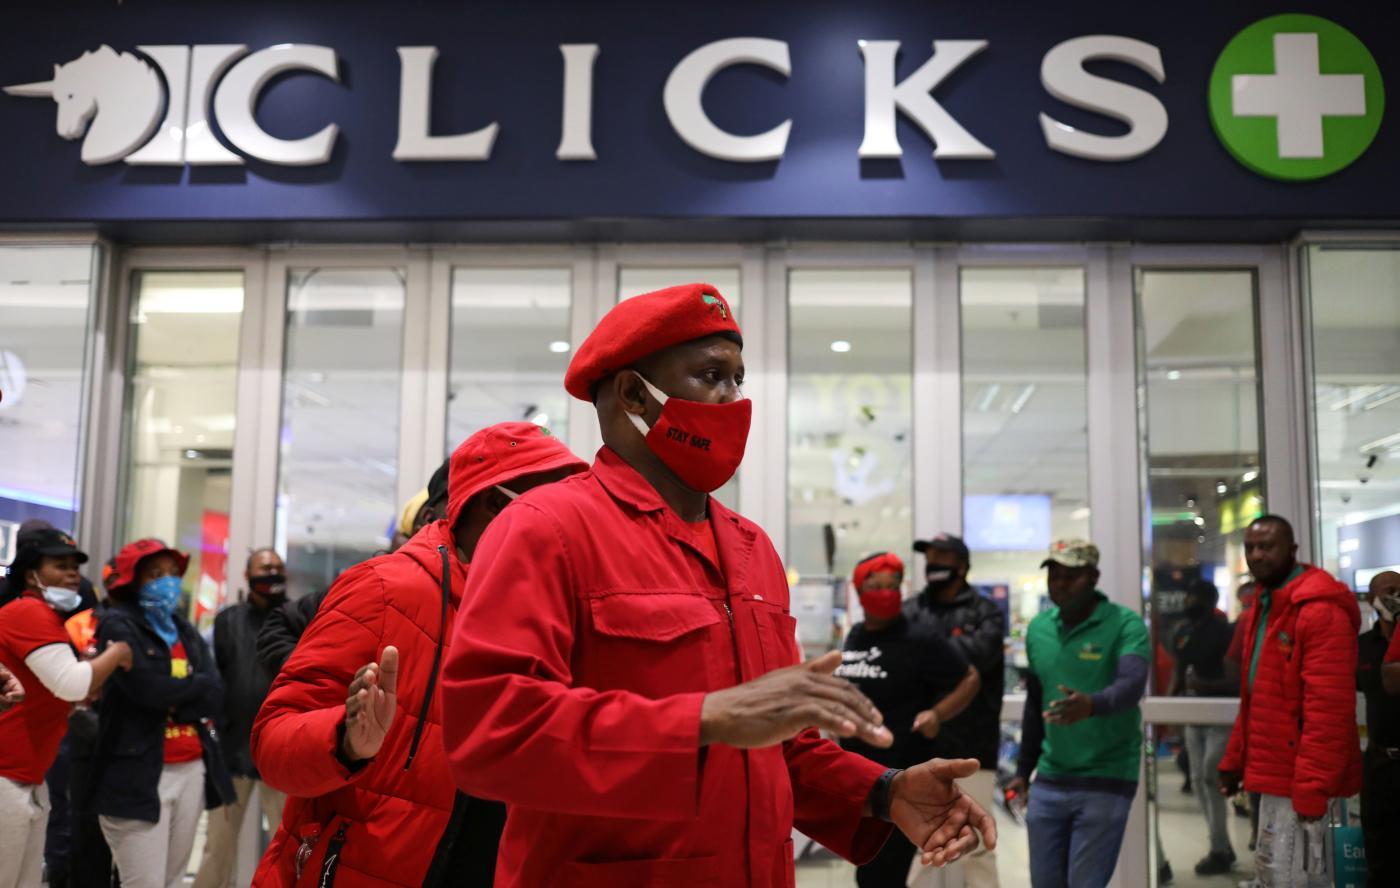 Foto de Indignação da África do Sul com anúncios racistas de cliques em cabelos negros – Quartz Africa